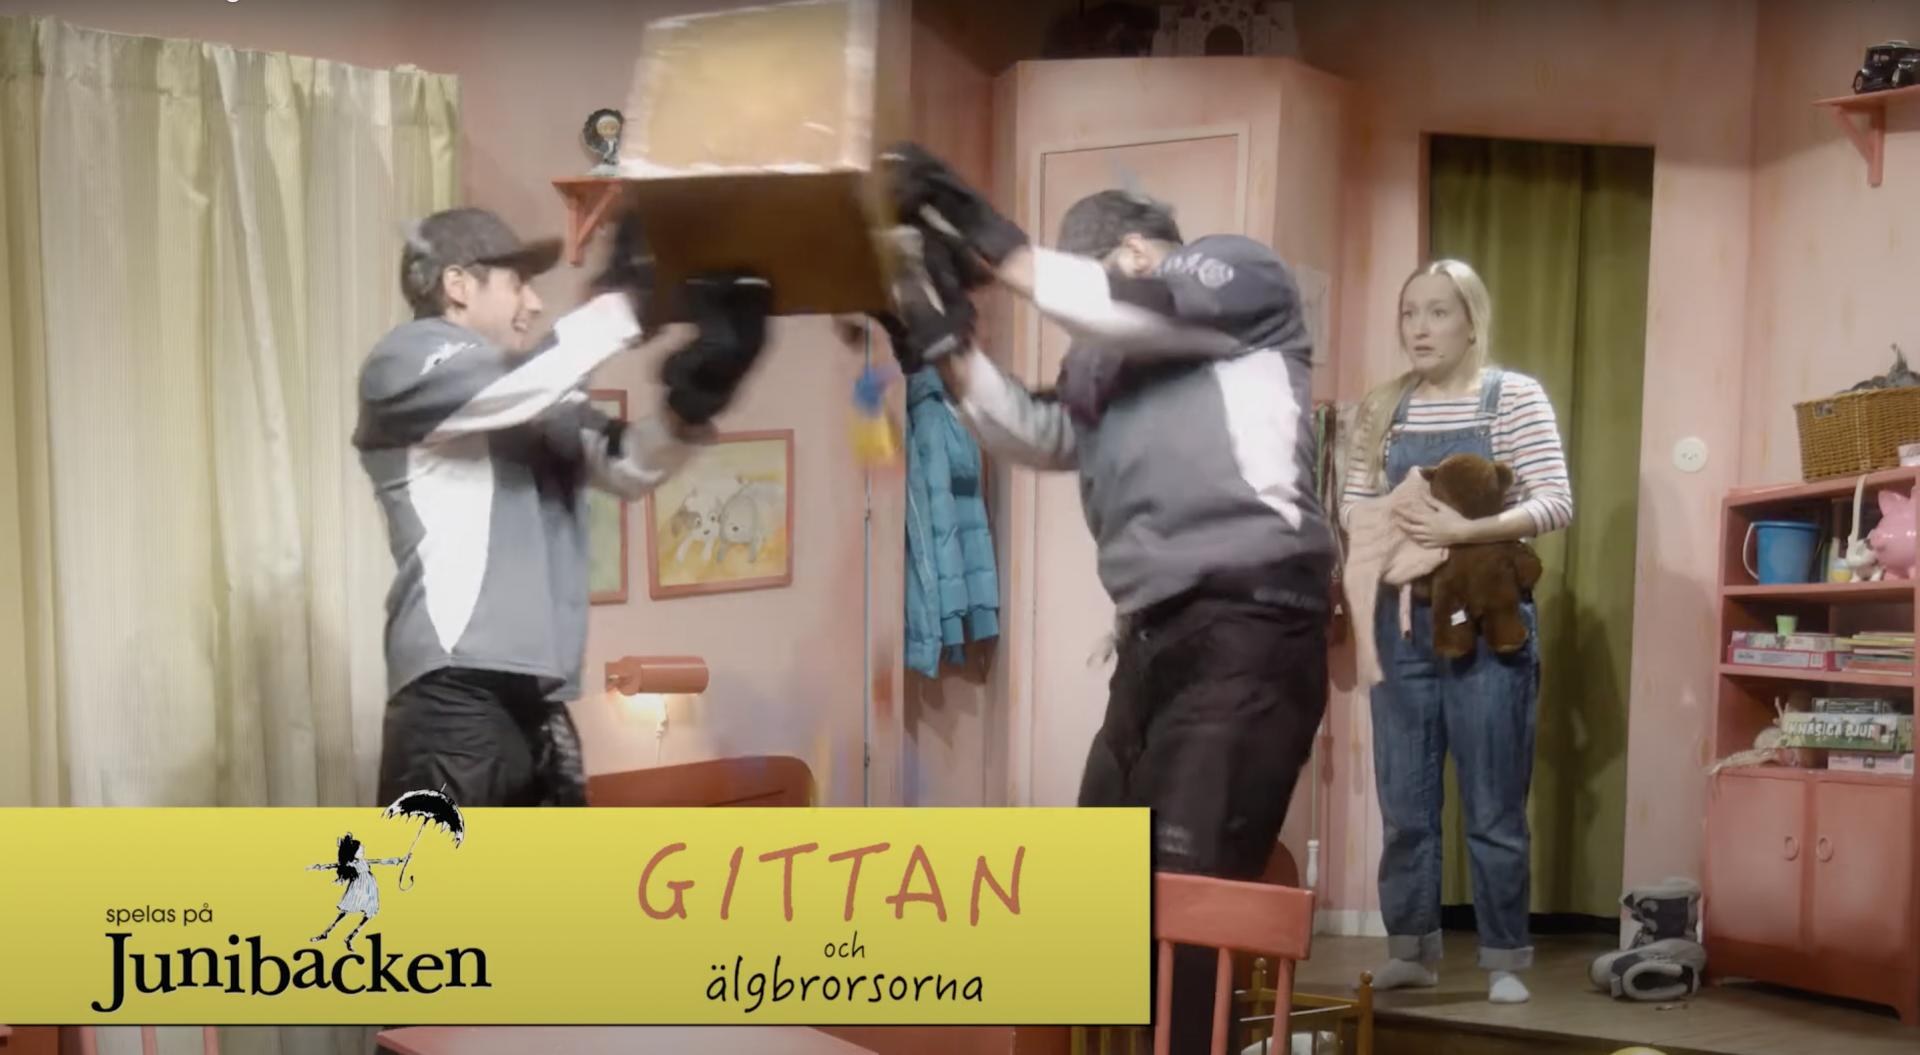 Stillbild från trailer Gittan och älgbrorsorna